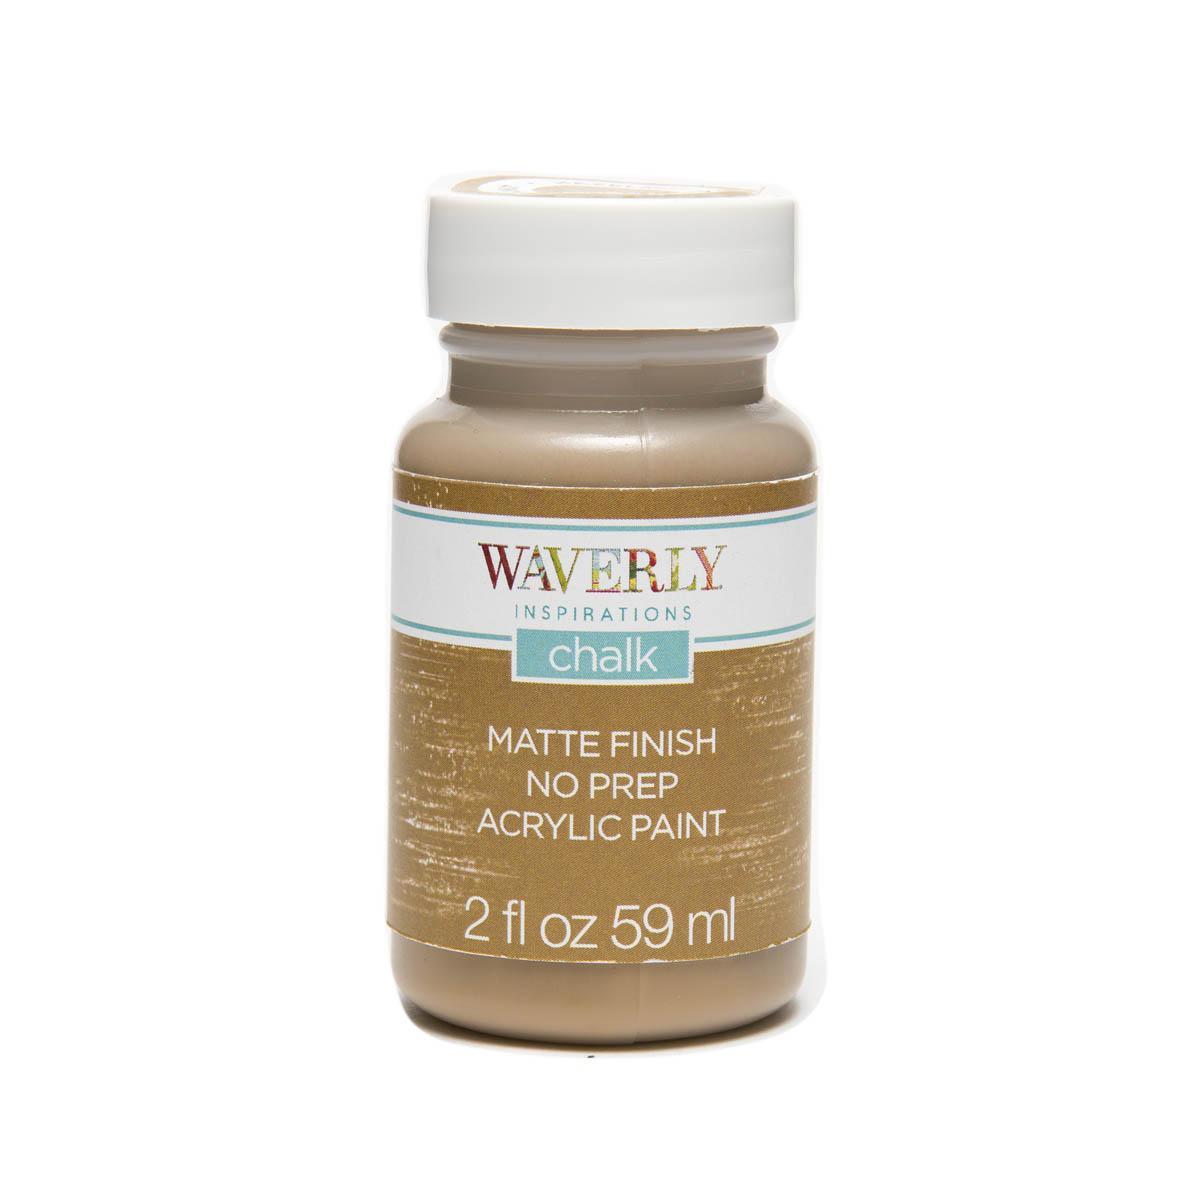 Waverly ® Inspirations Chalk Finish Acrylic Paint - Hazelnut, 2 oz.